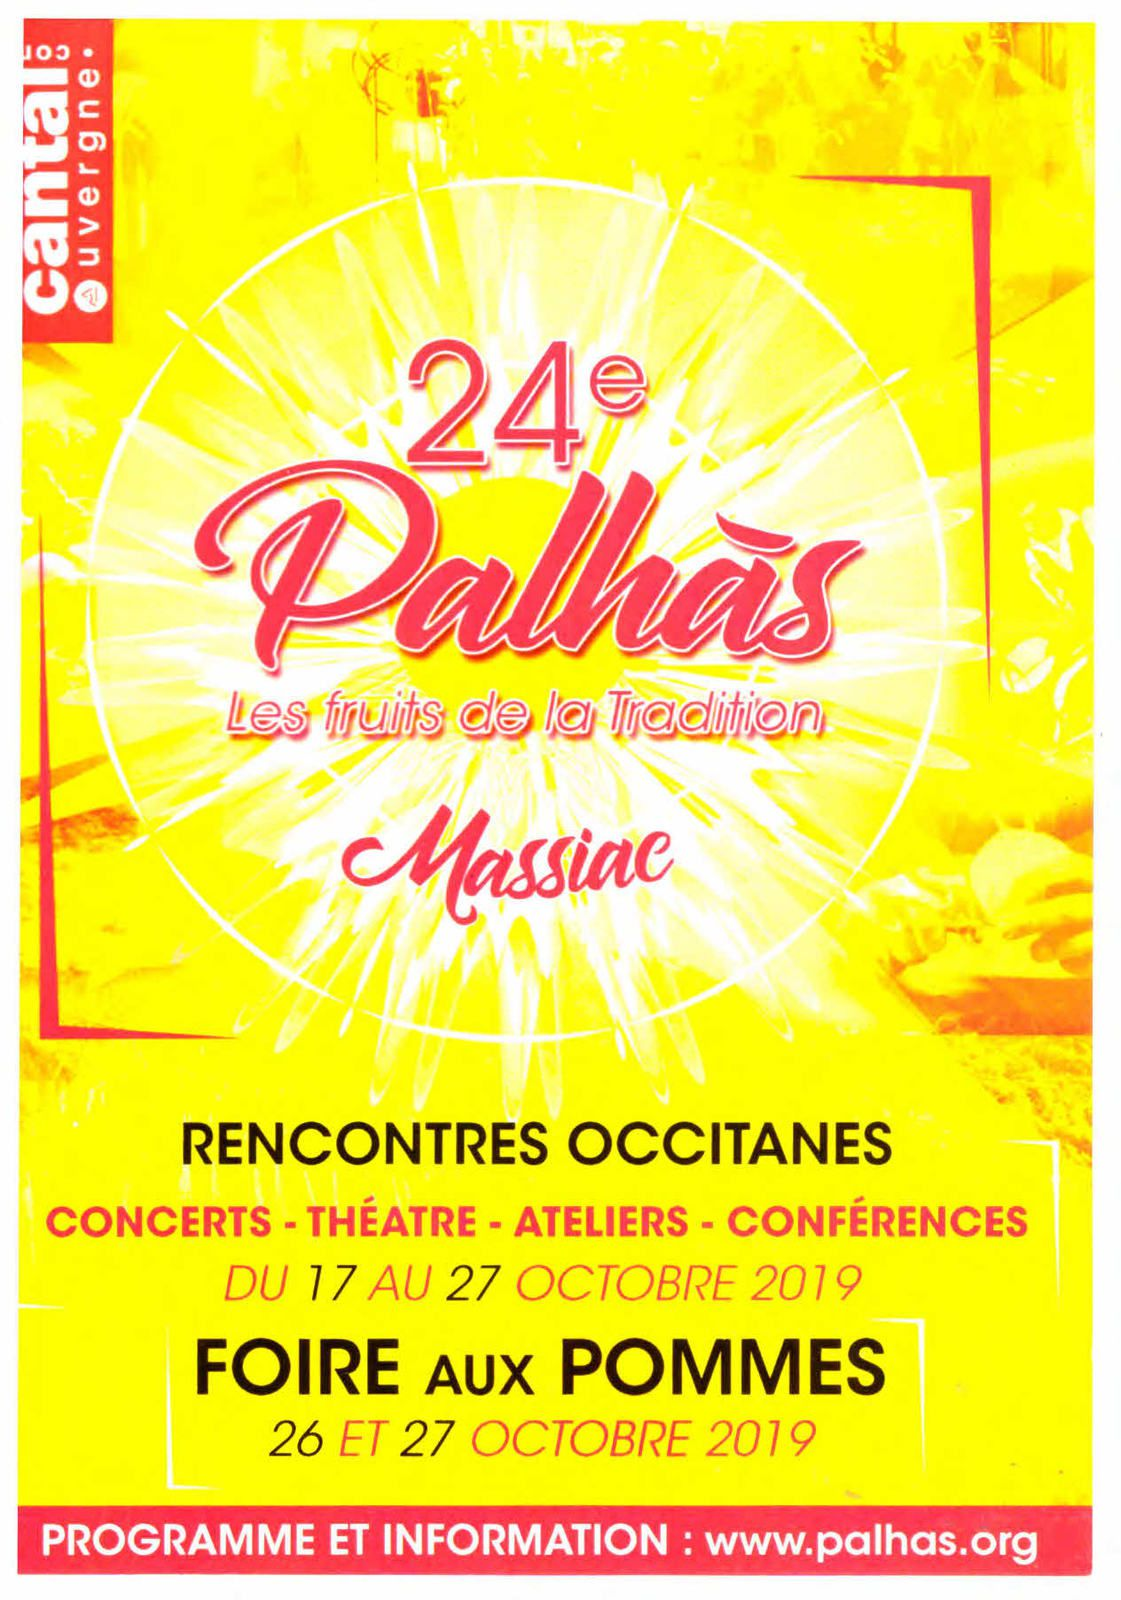 24 e Palhas les fruits de la tradition, 26 et 27 octobre